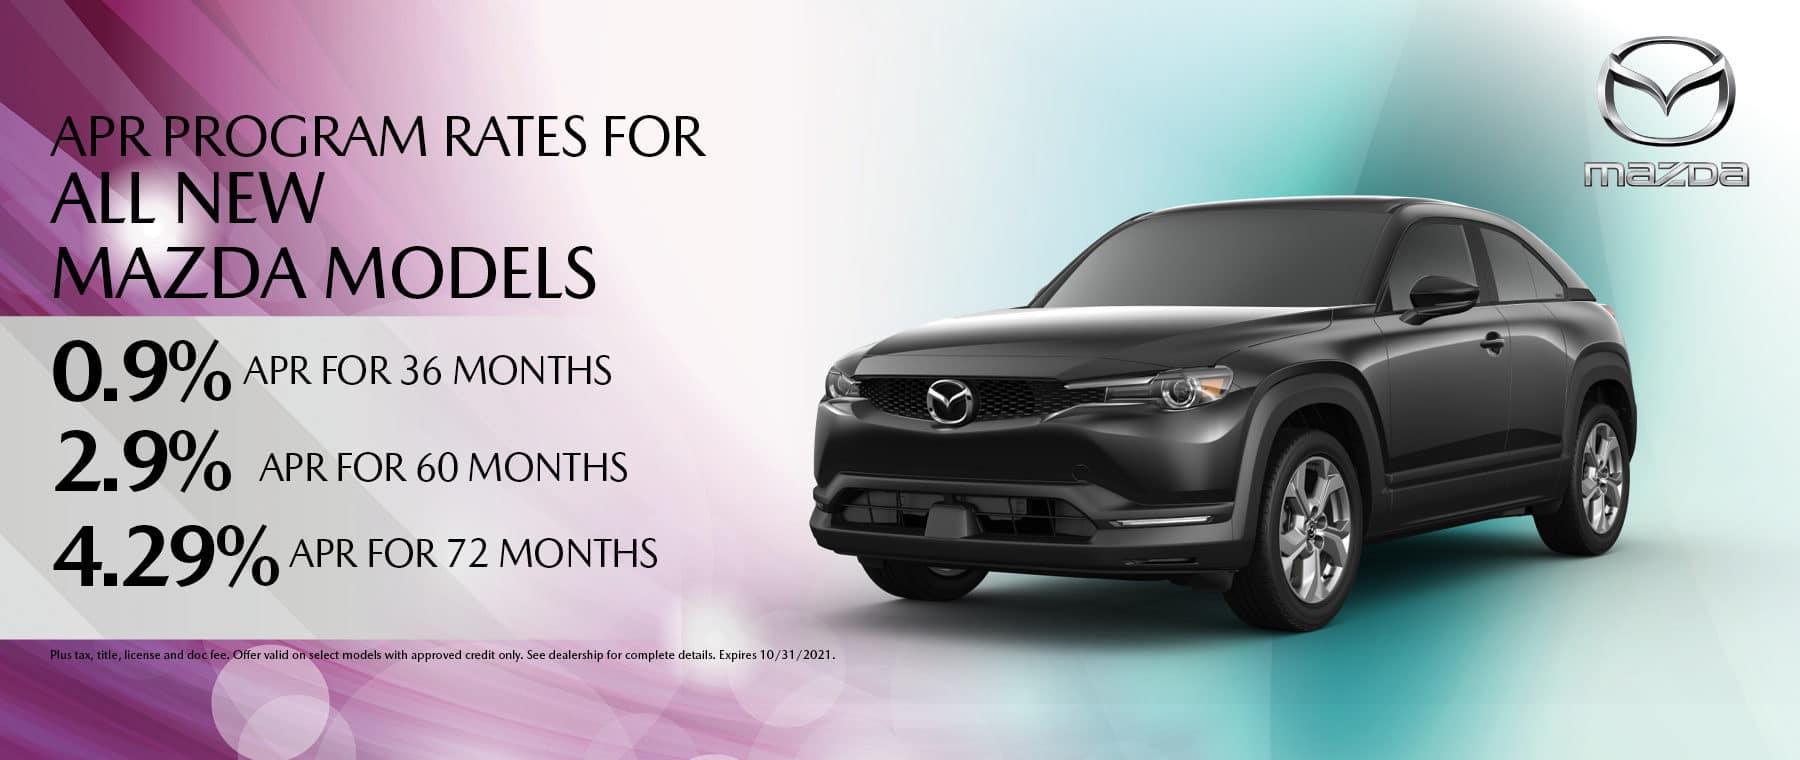 Mazda New Models Oct Deal